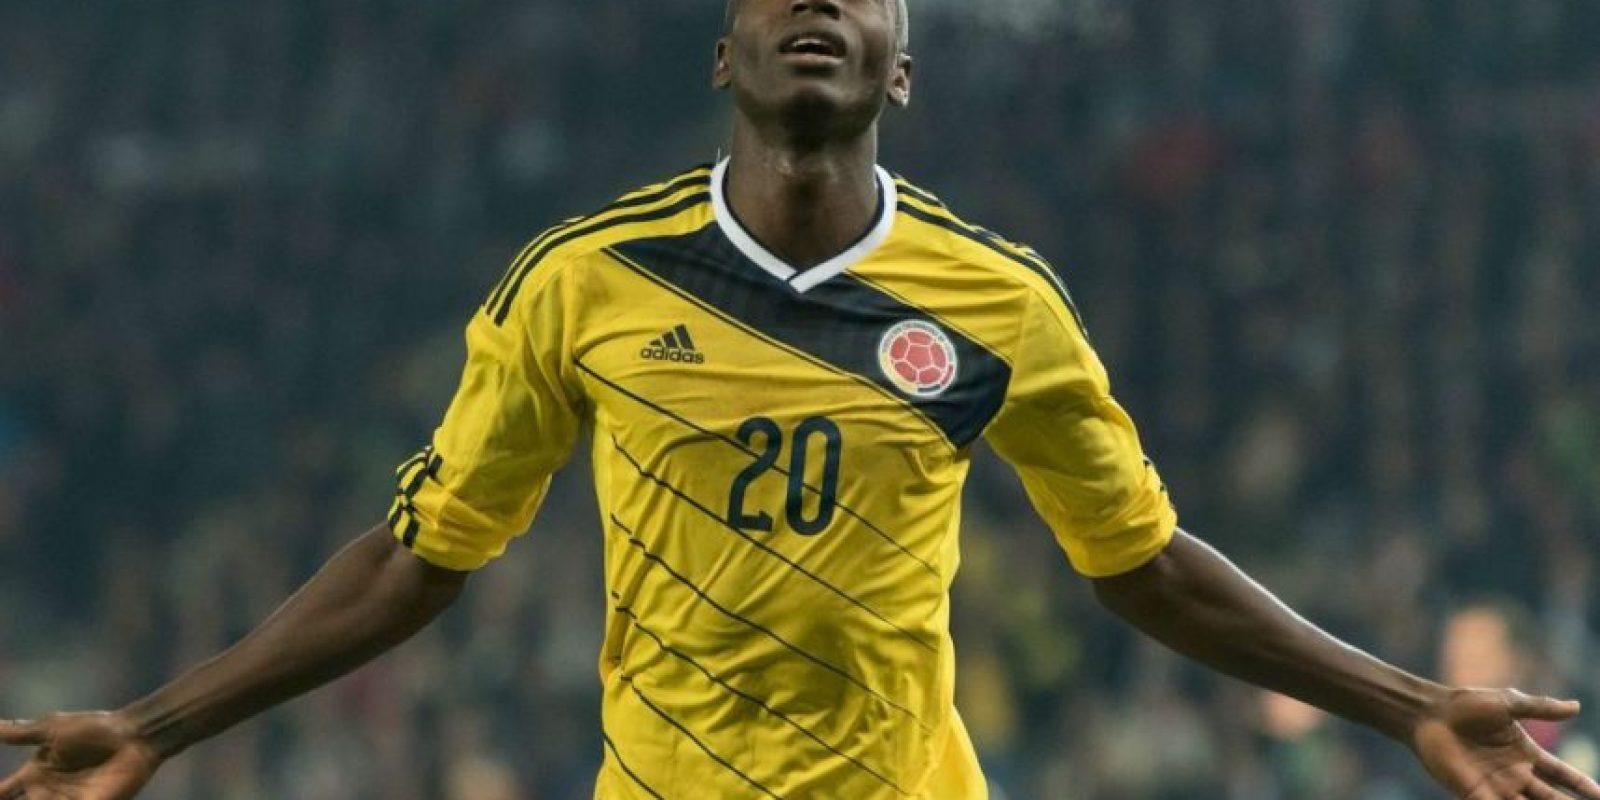 Adrián Ramos (Colombia). El delantero de Borussia Dortmund se lesionó el tobillo en un entrenamiento con el club alemán Foto:Getty Images